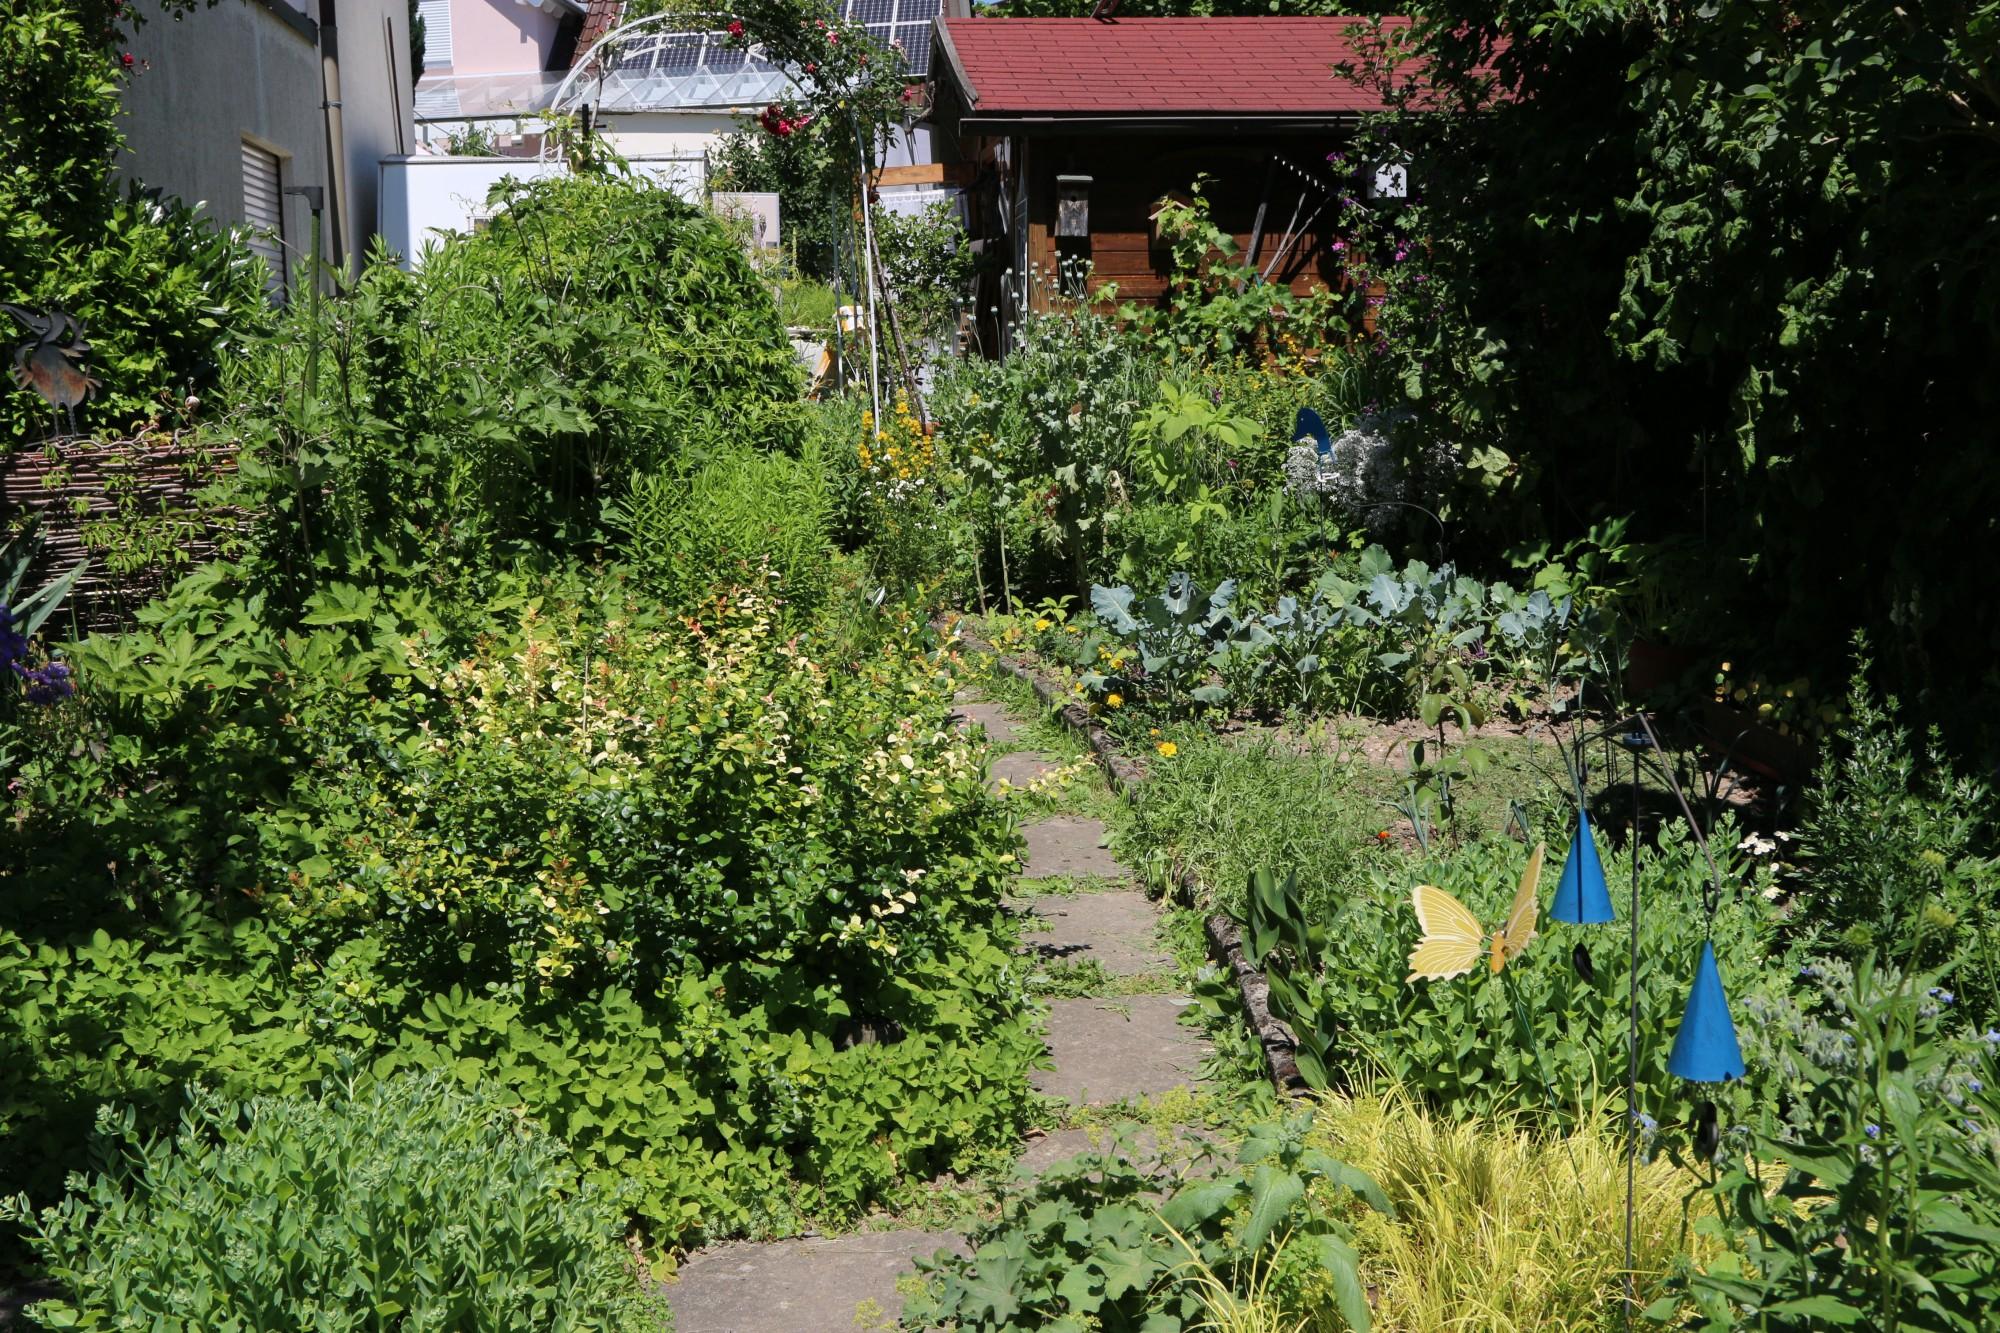 Das ist der Garten von Frau Grotz